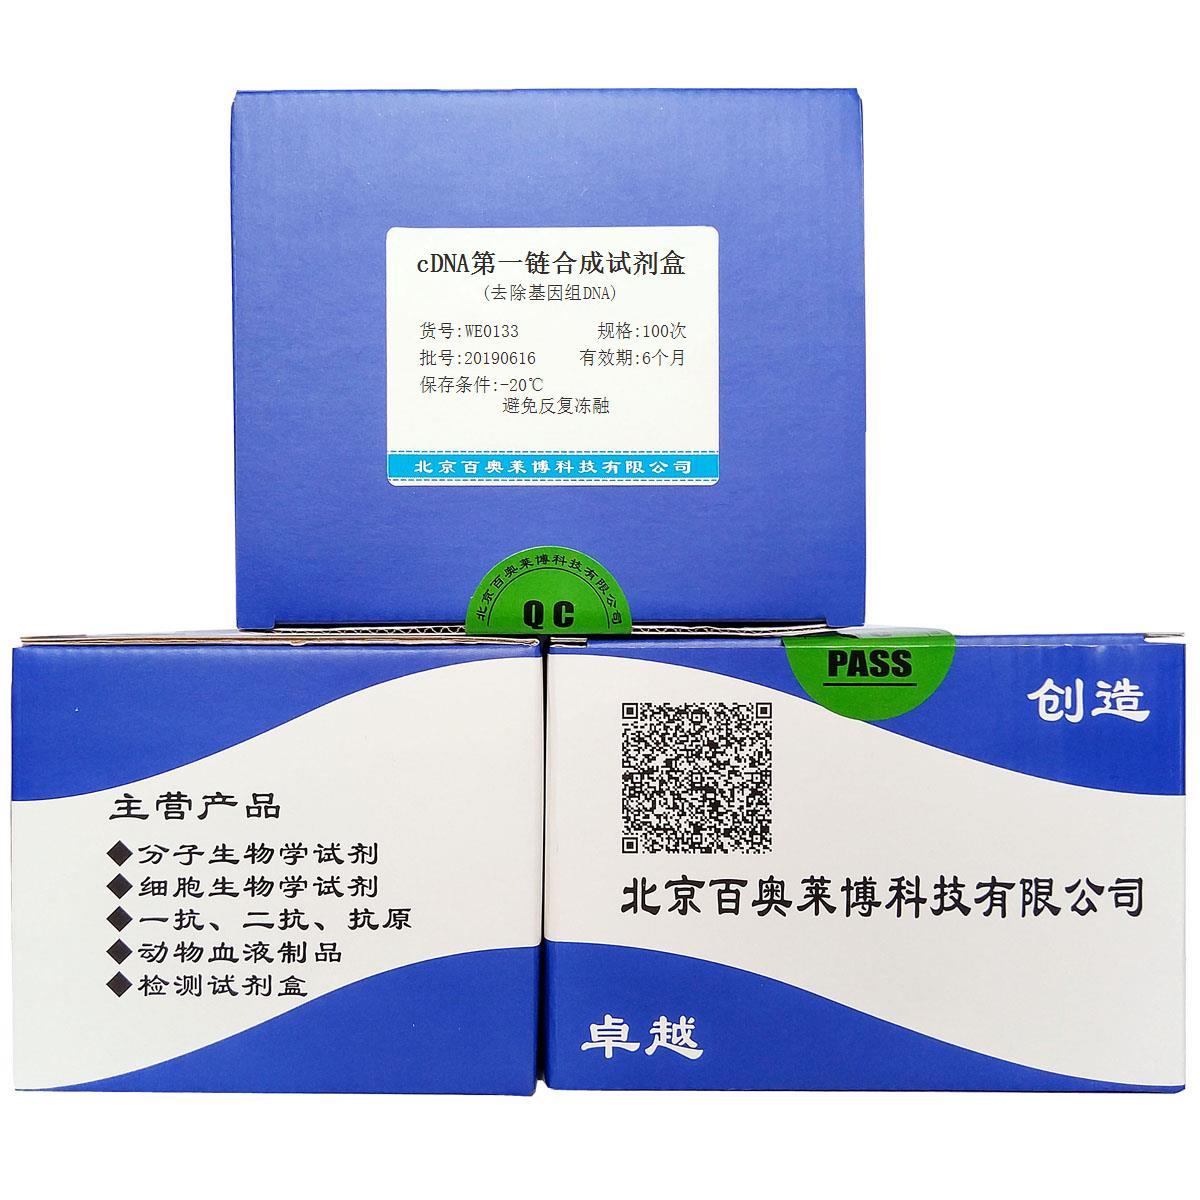 cDNA第一链合成试剂盒(去除基因组DNA)